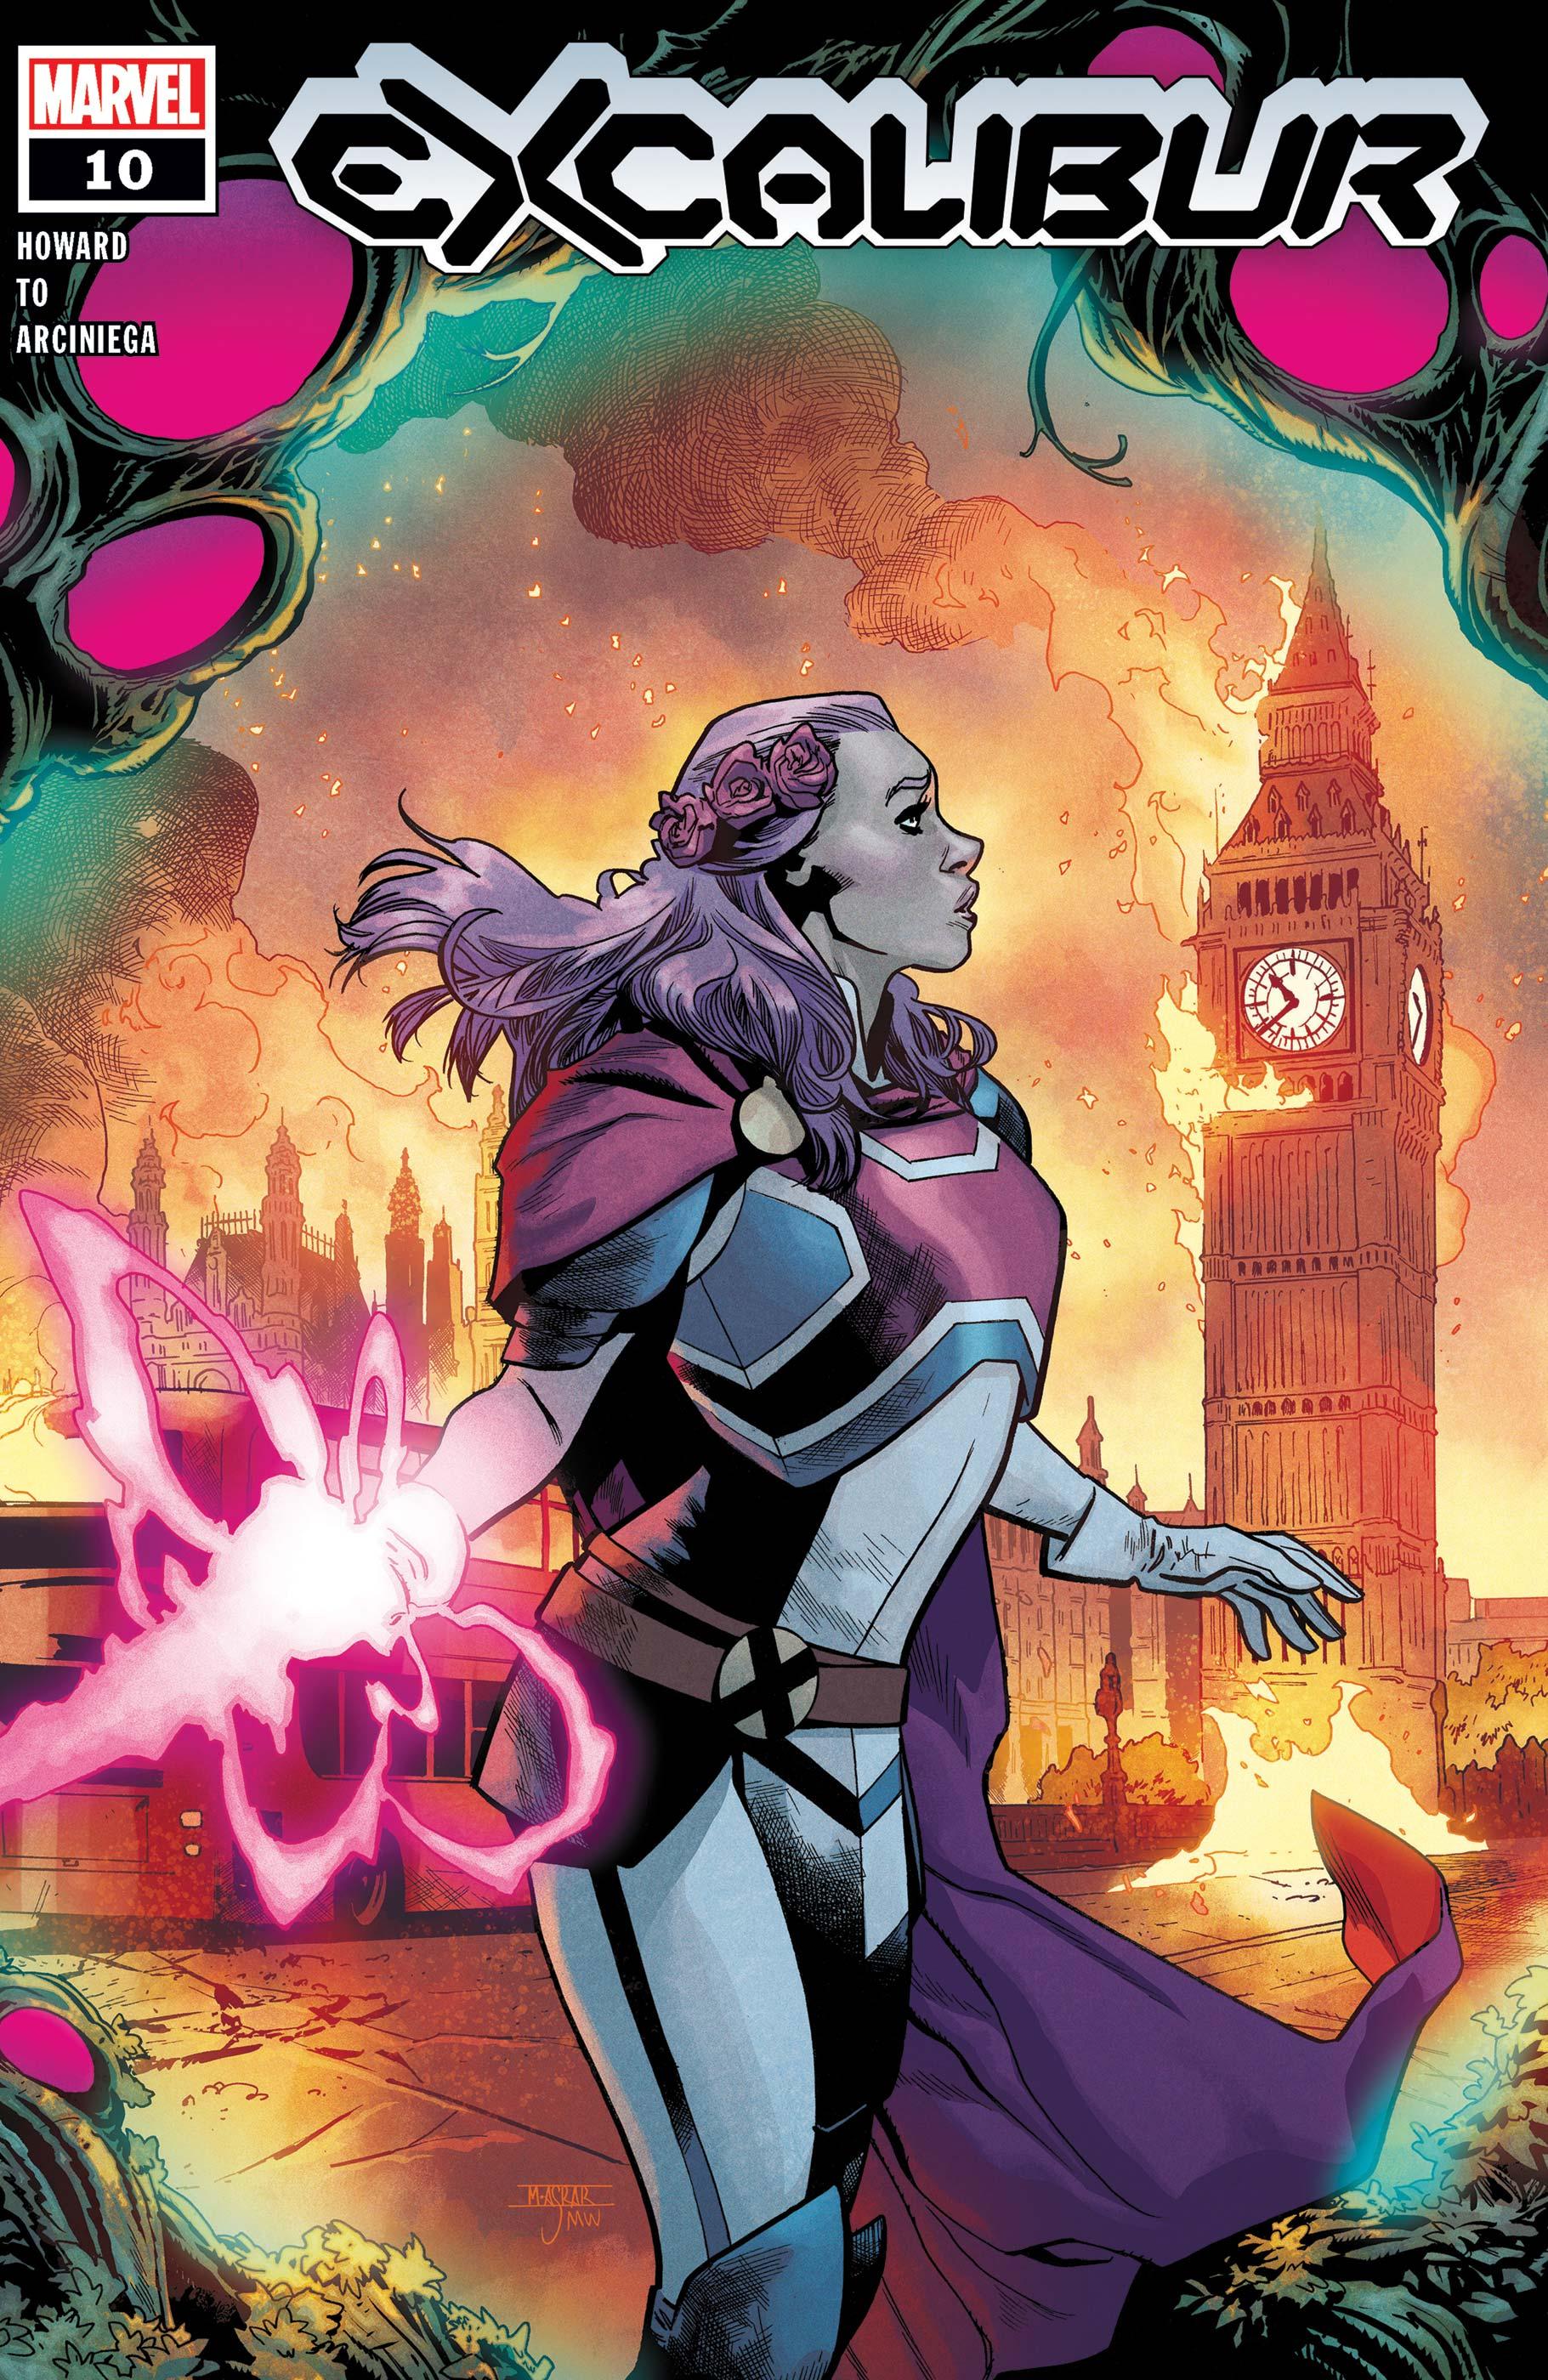 Excalibur (2019) #10